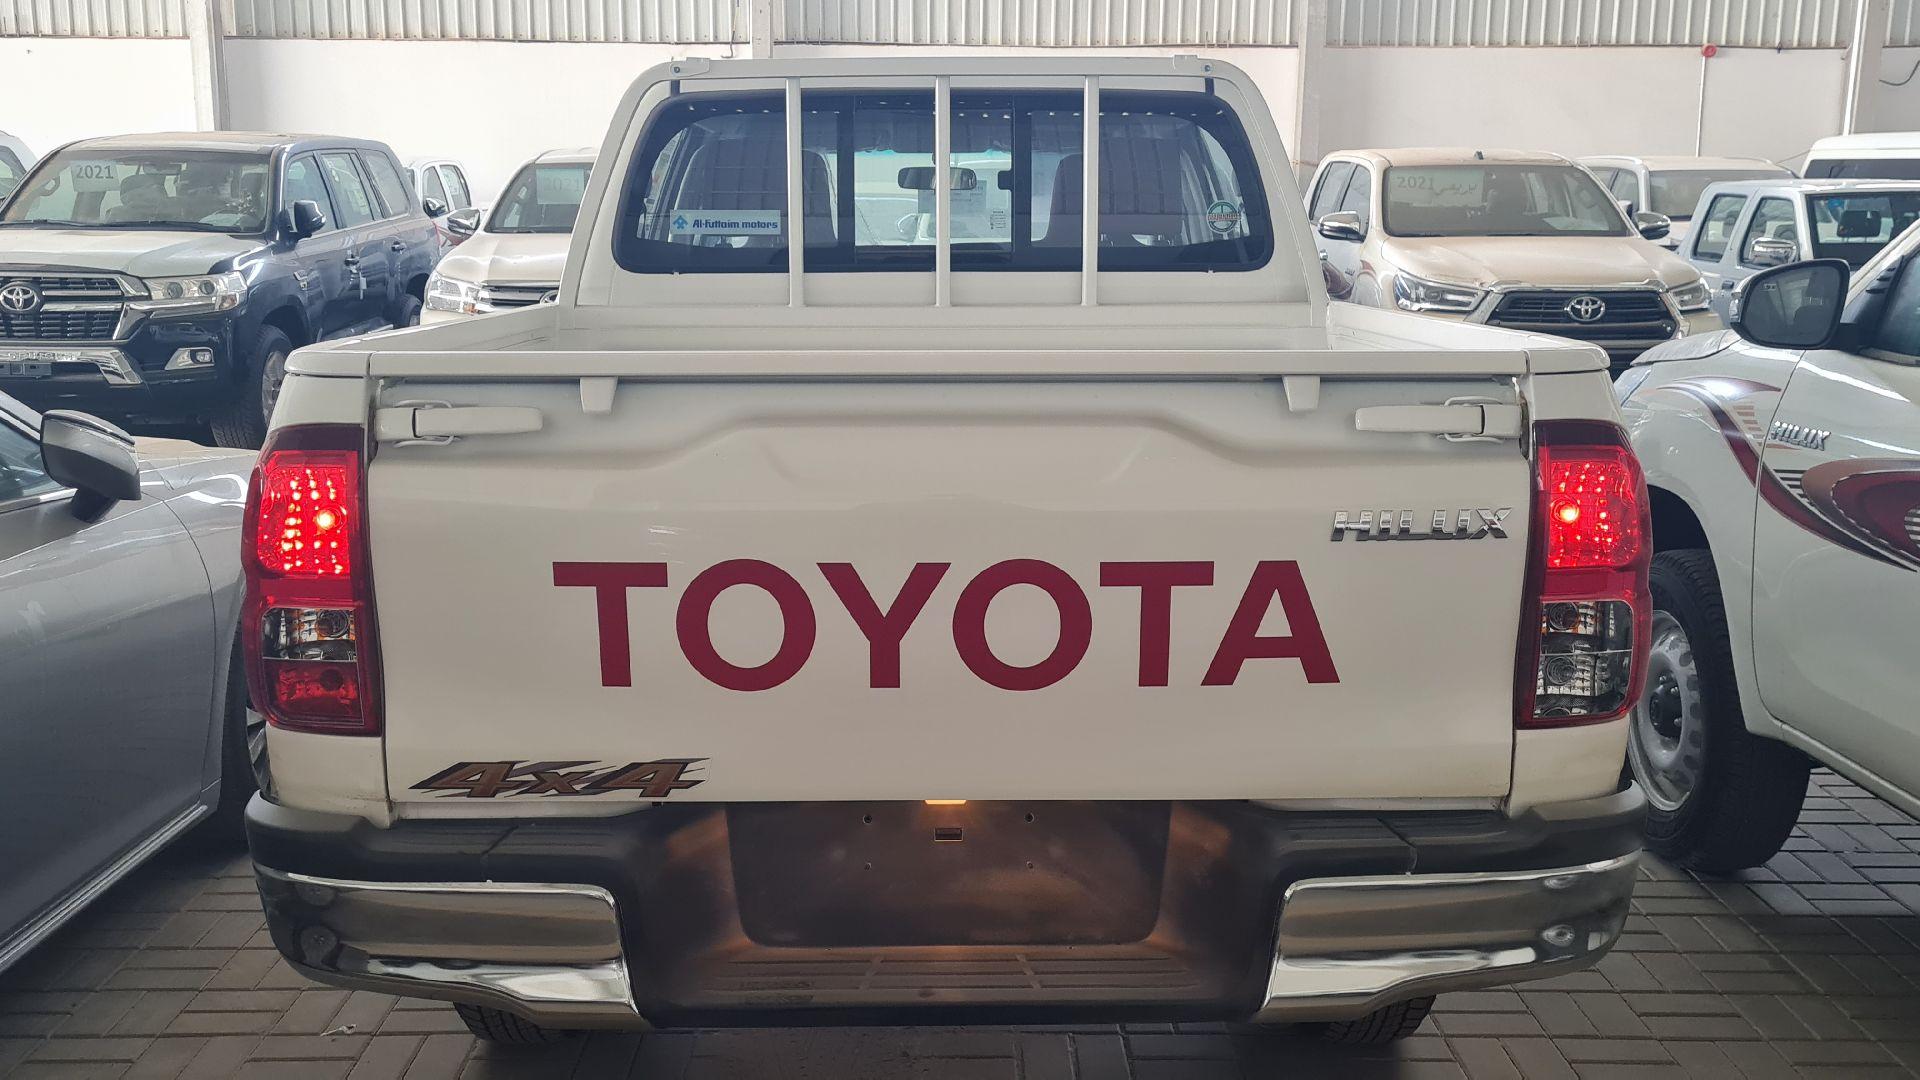 تويوتا هايلكس GL2 ستاندر  2021 دبل غمارتين ديزل خليجي جديد للبيع في الرياض - السعودية - صورة كبيرة - 5